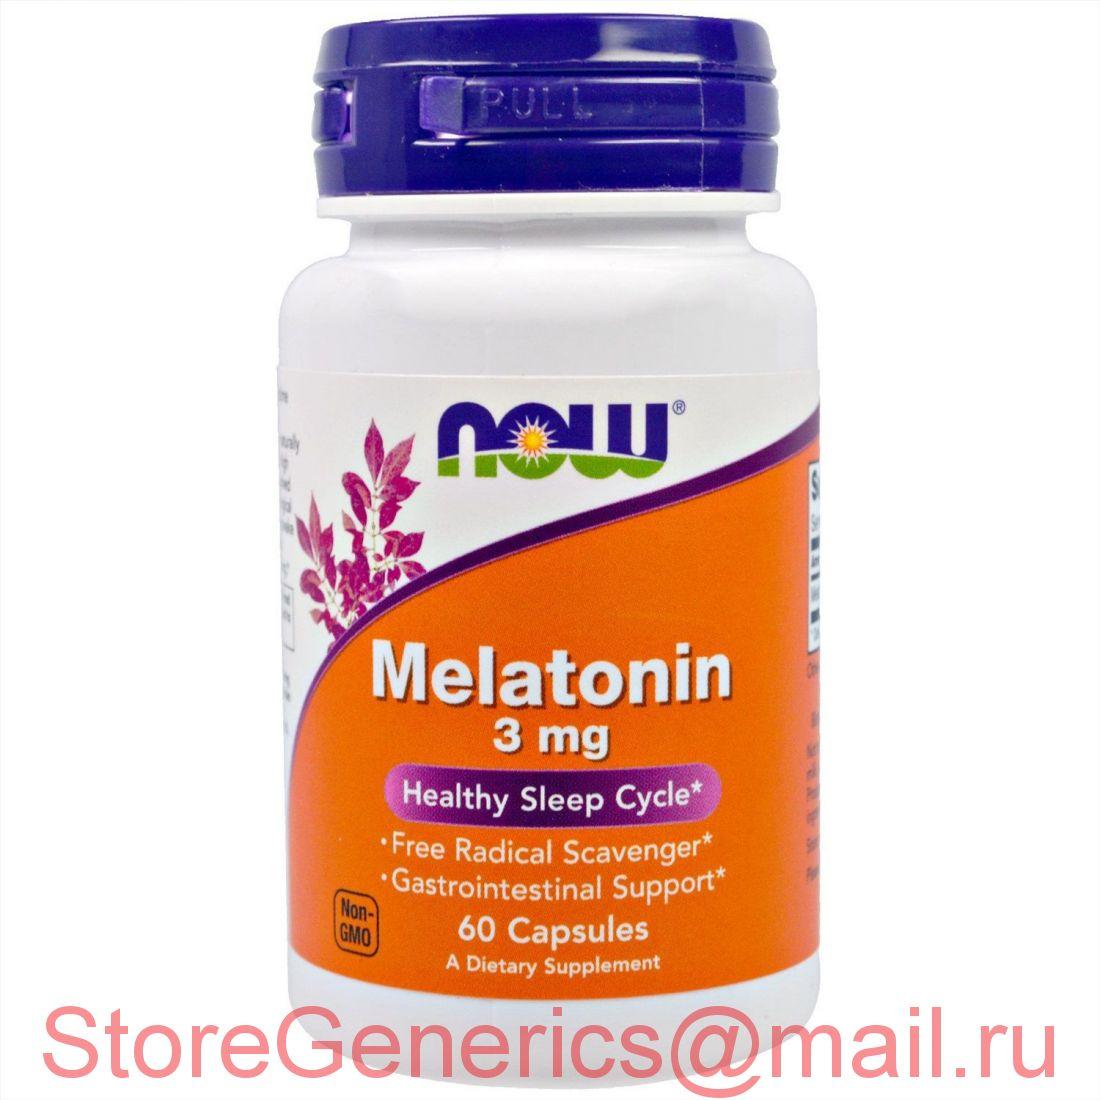 Мелатонин 3 mg NOW 60 капсул